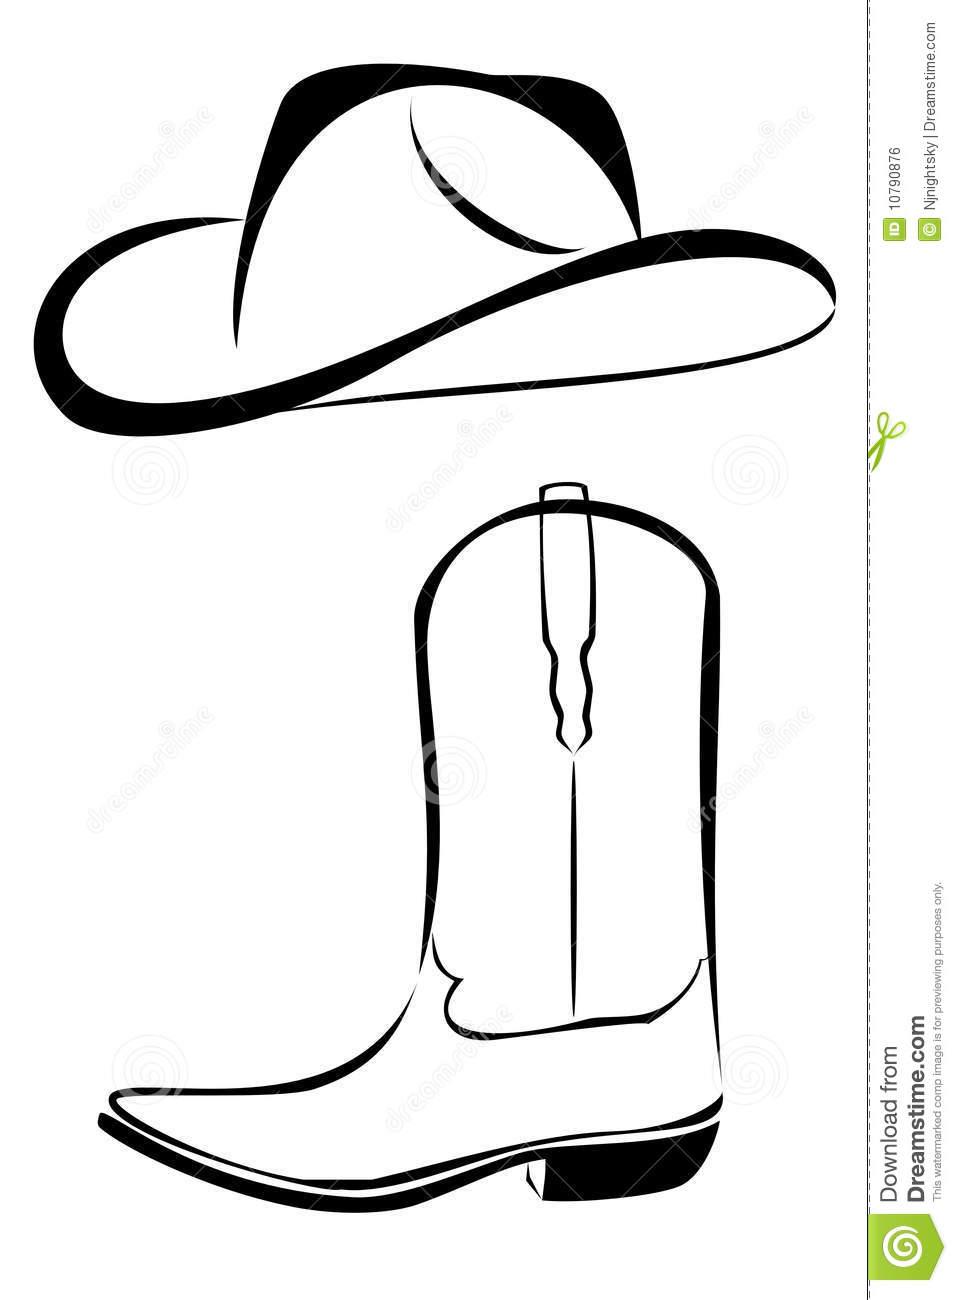 41+ Best Cowboy Boot Tattoos